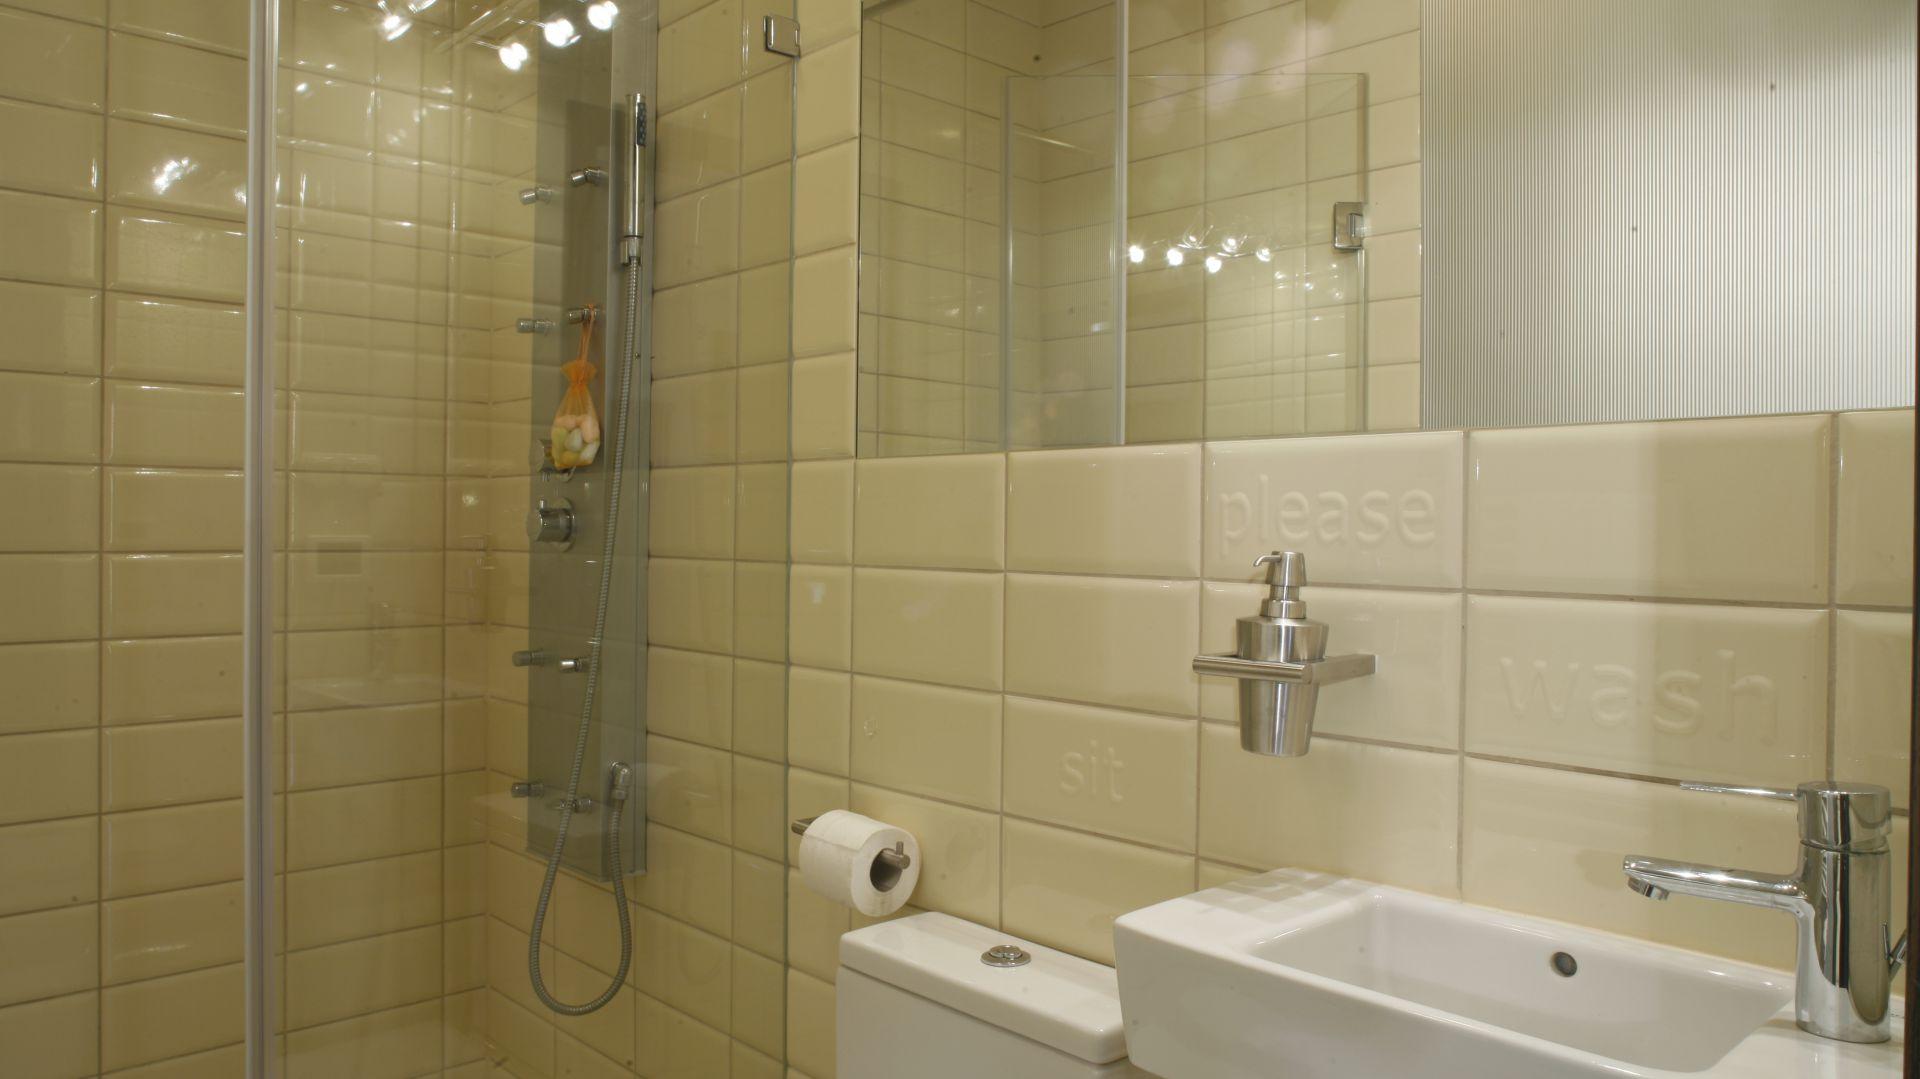 Tylko 3 m kwadratowe powierzchni ma ta łazienka z obszerną wnęką prysznicową. Aby była wygodna wybrani specjalne model ceramiki sanitarnej przeznaczone do małych łazienek. Projekt: Katarzyna Merta-Korzniakow. Fot. Monika Filipiuk Obałek.